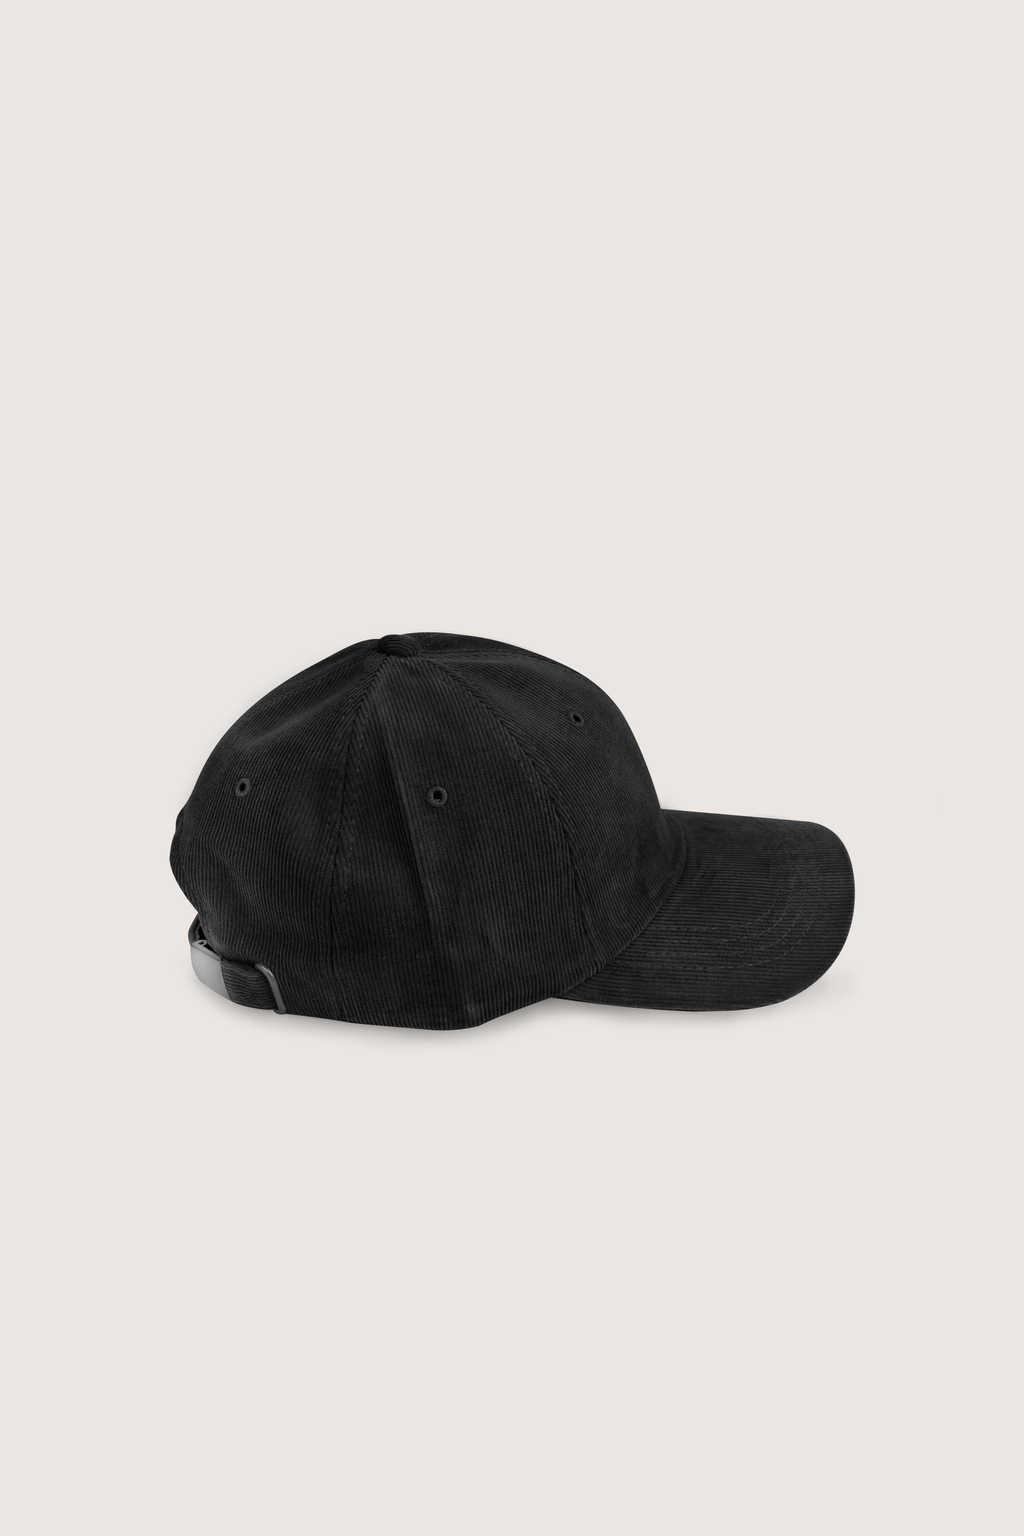 Hat H023 Black 3